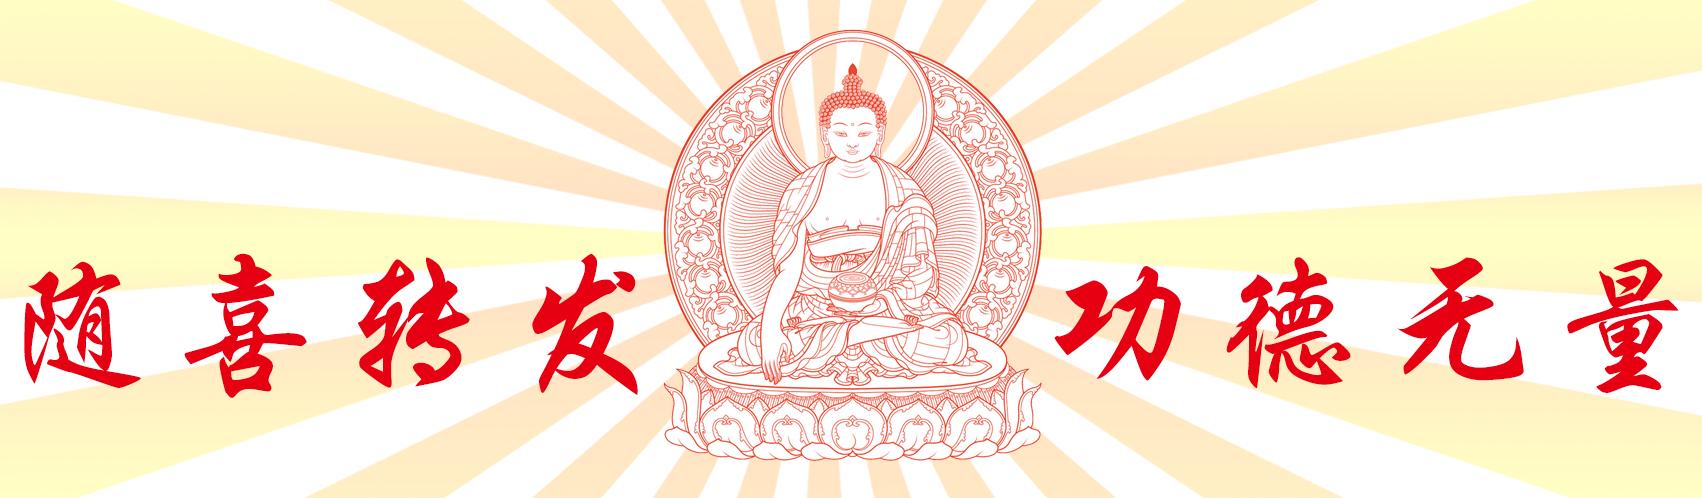 一切为了救国:近代佛学是一种出世的学说-第4张图片